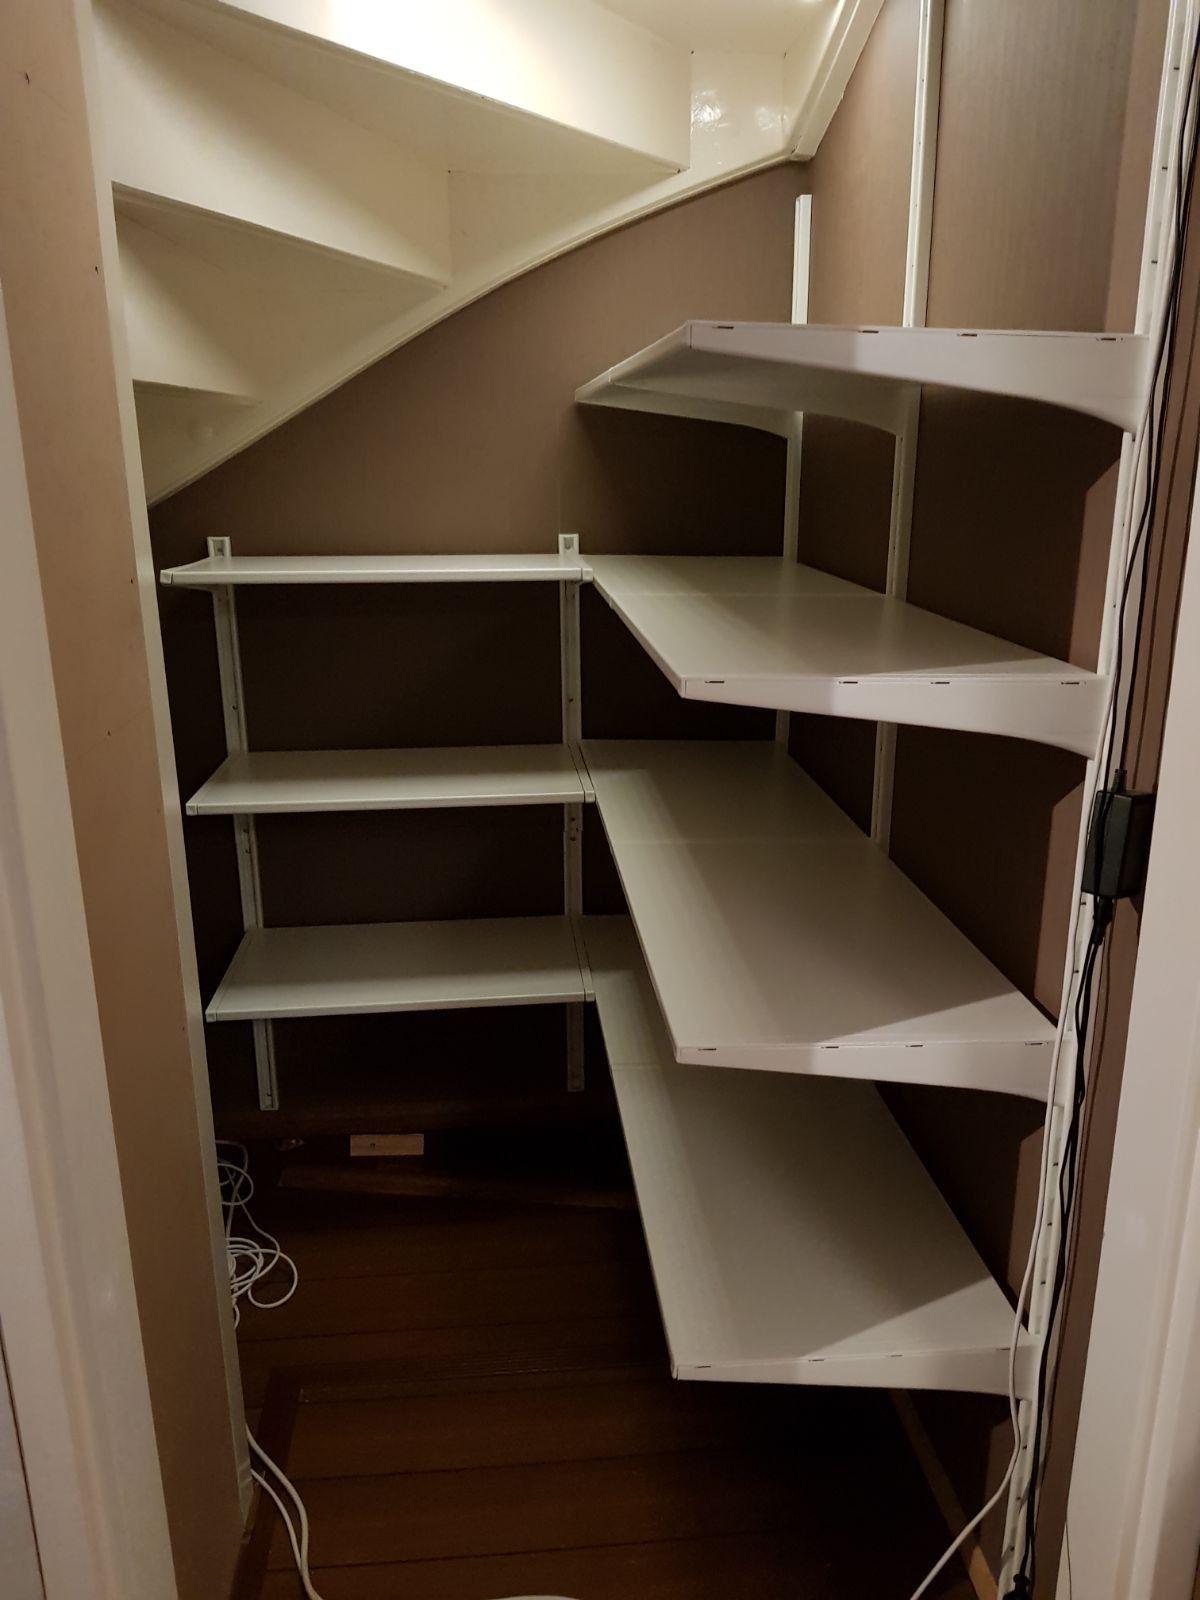 trappenkast voorraad indeling algot ikea organization pinterest ikea algot storage and. Black Bedroom Furniture Sets. Home Design Ideas